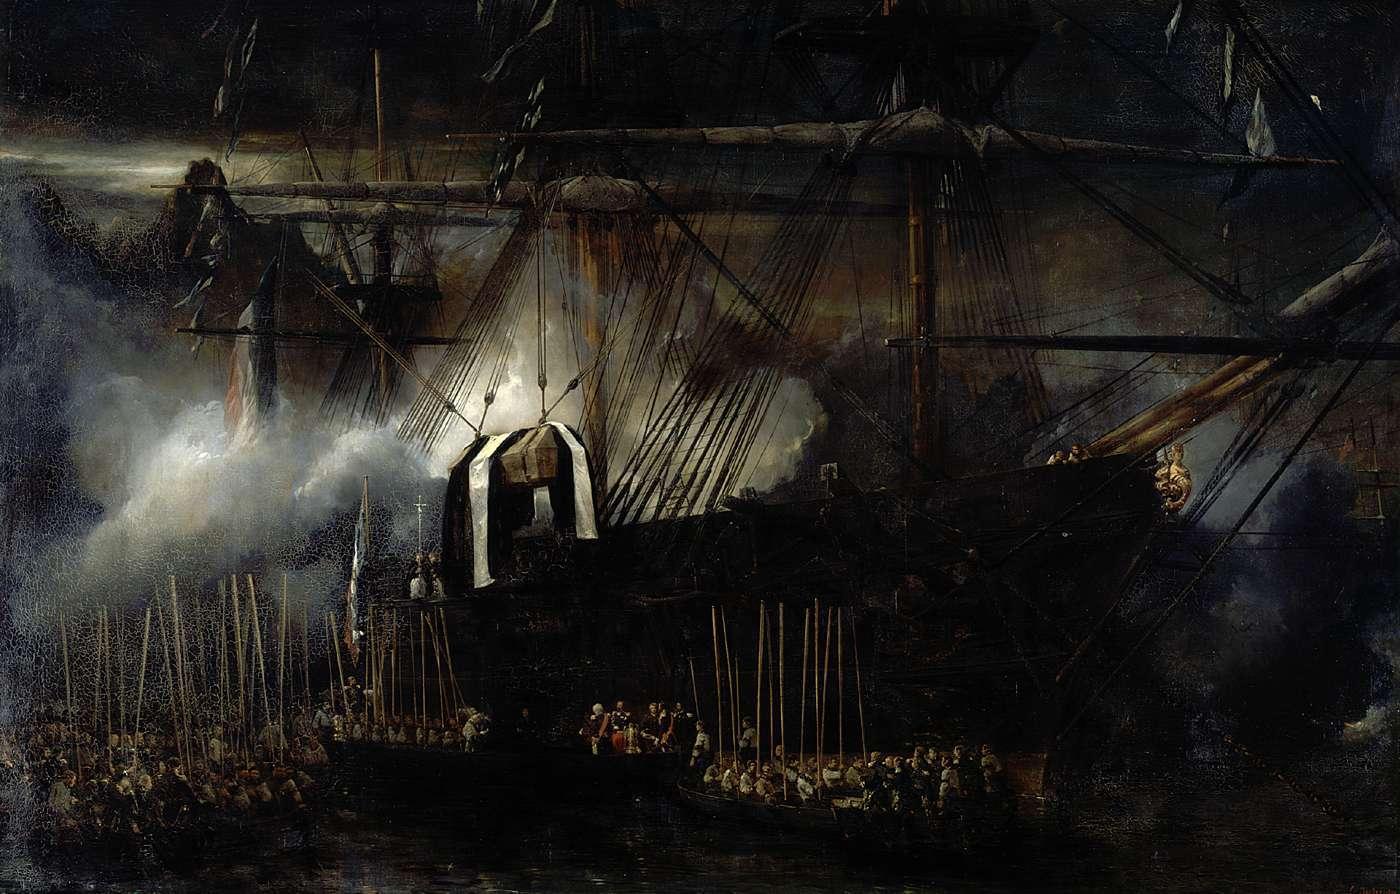 Repatriación_de_las_cenizas_de_Napoleón_a_bordo_de_la_Belle_Poule,_por_Eugène_Isabey